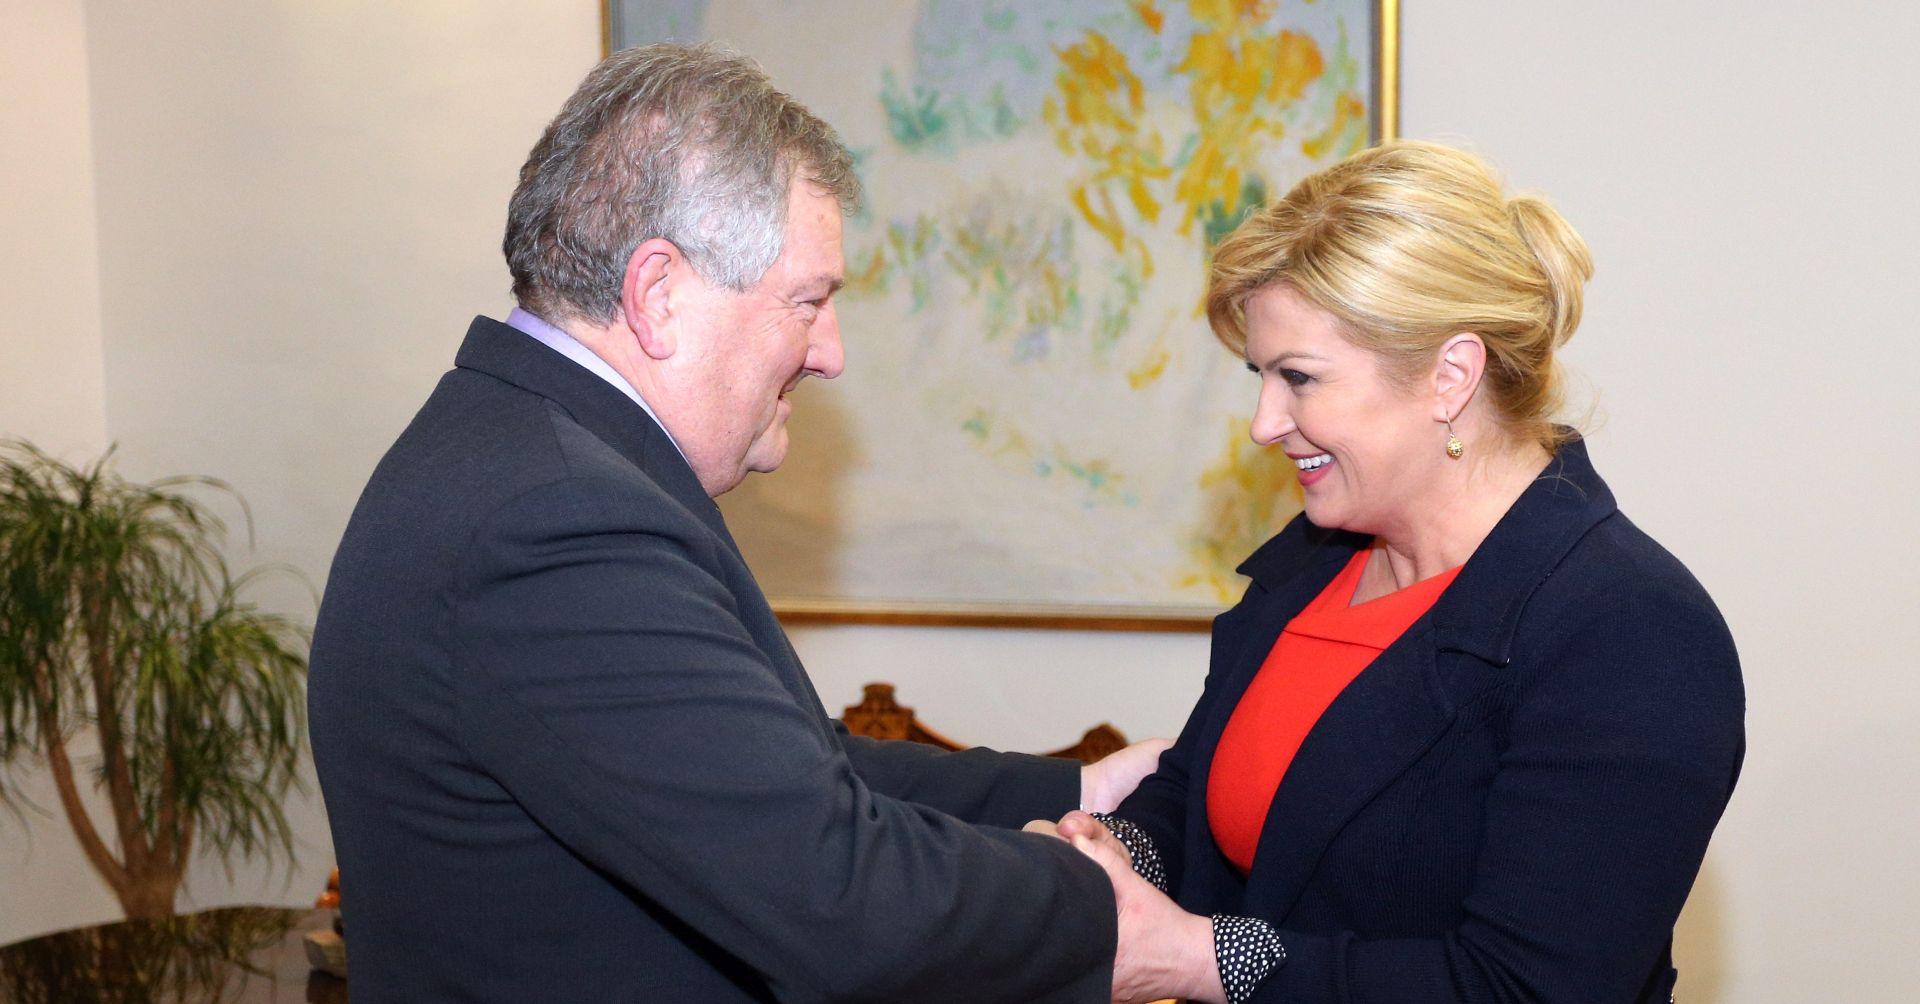 USKOK NAREDIO ISTRAGU: Očekuje se istraga navoda Mirka Raškovića